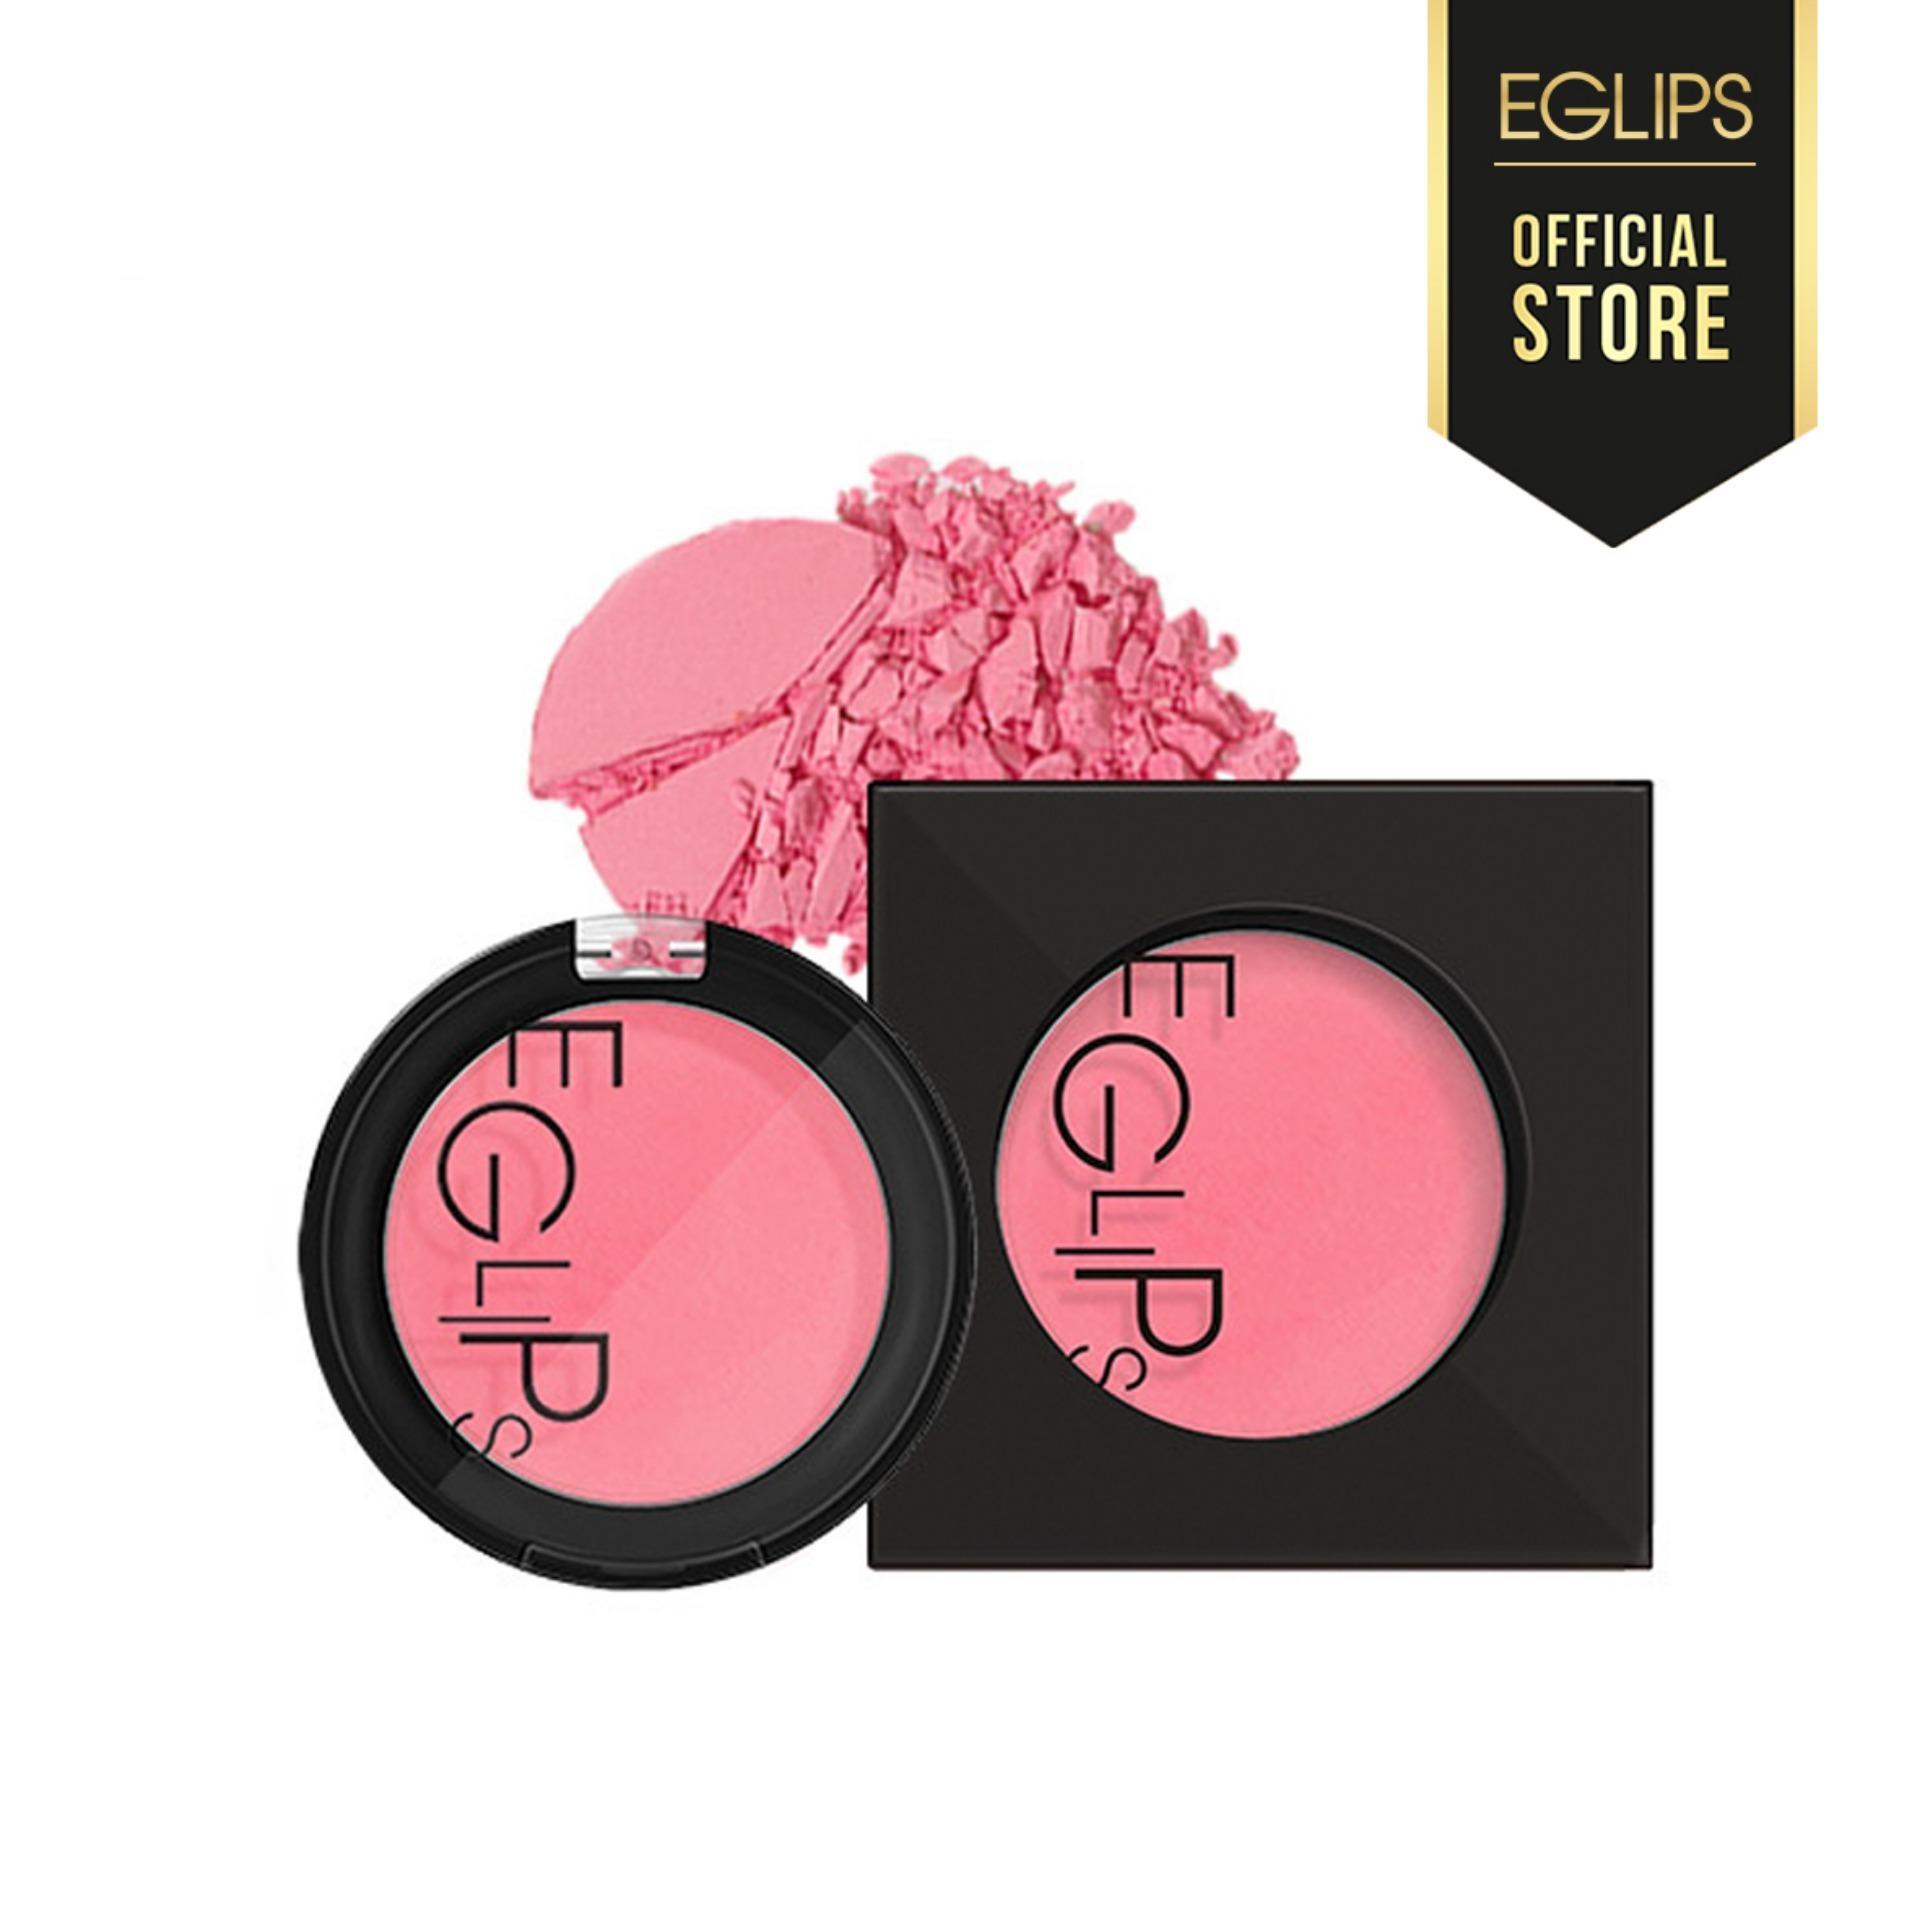 Phấn Má Eglips Apple Fit Blusher - 02 Sexy Rose (Màu hồng baby) tốt nhất